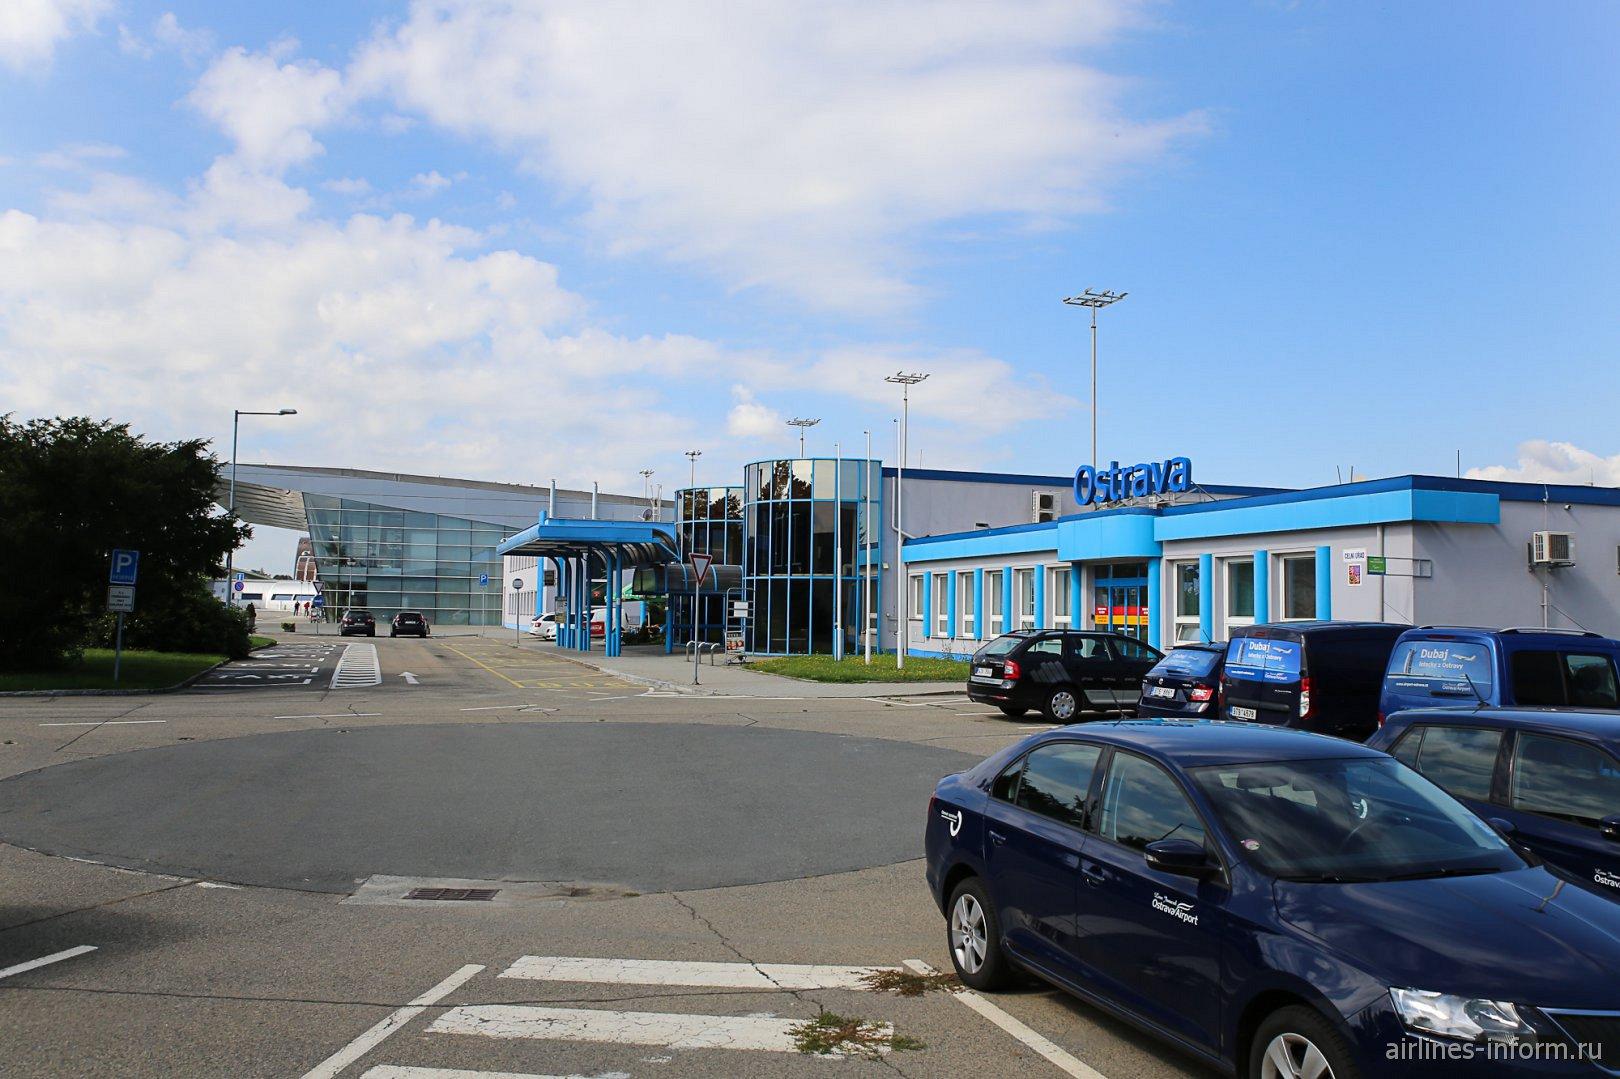 Старый и новый пассажирские терминалы аэропорта Остравы